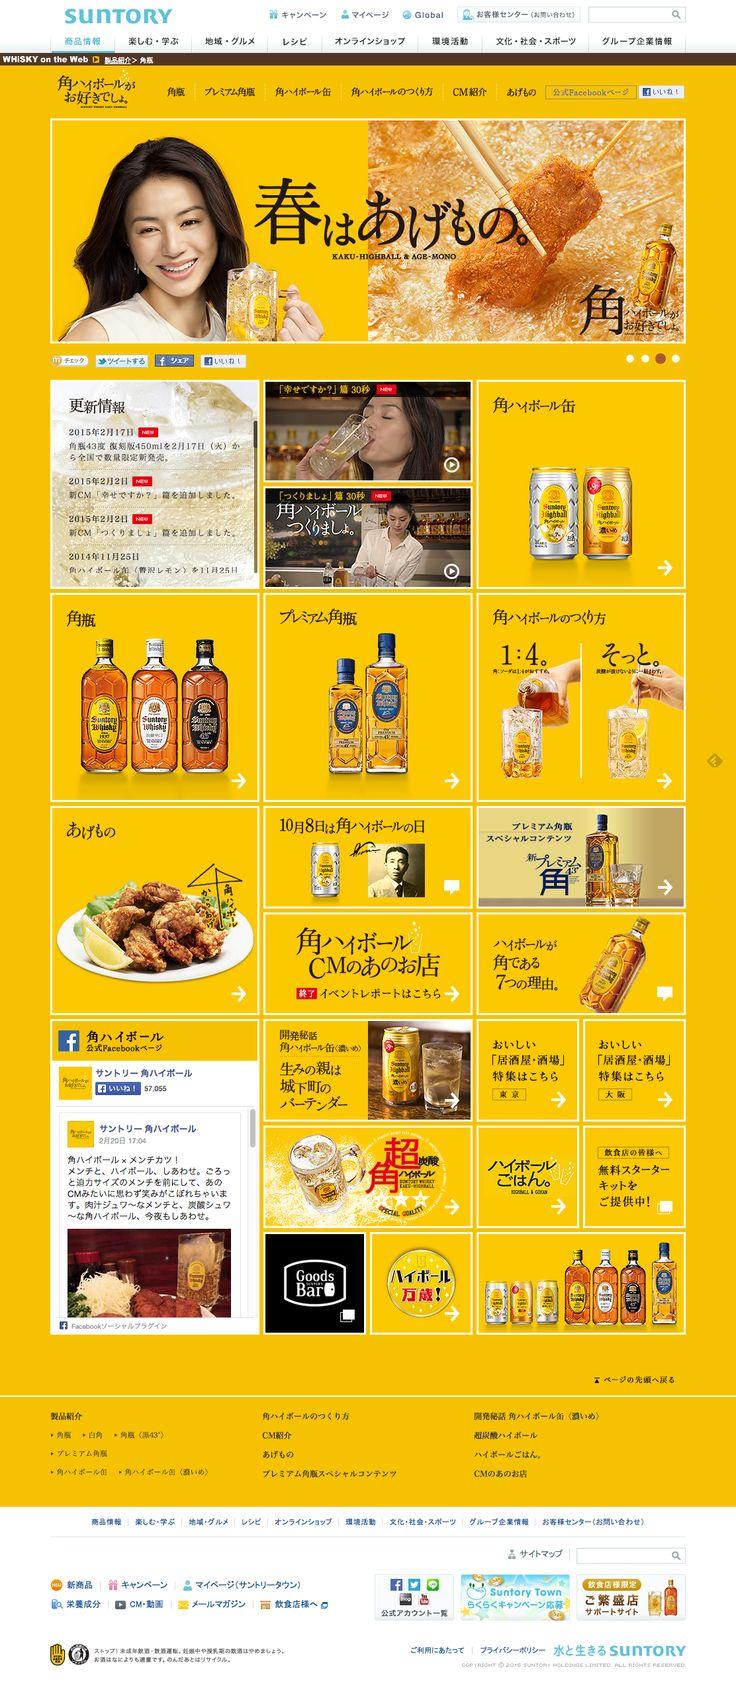 角ハイボール - Suntory